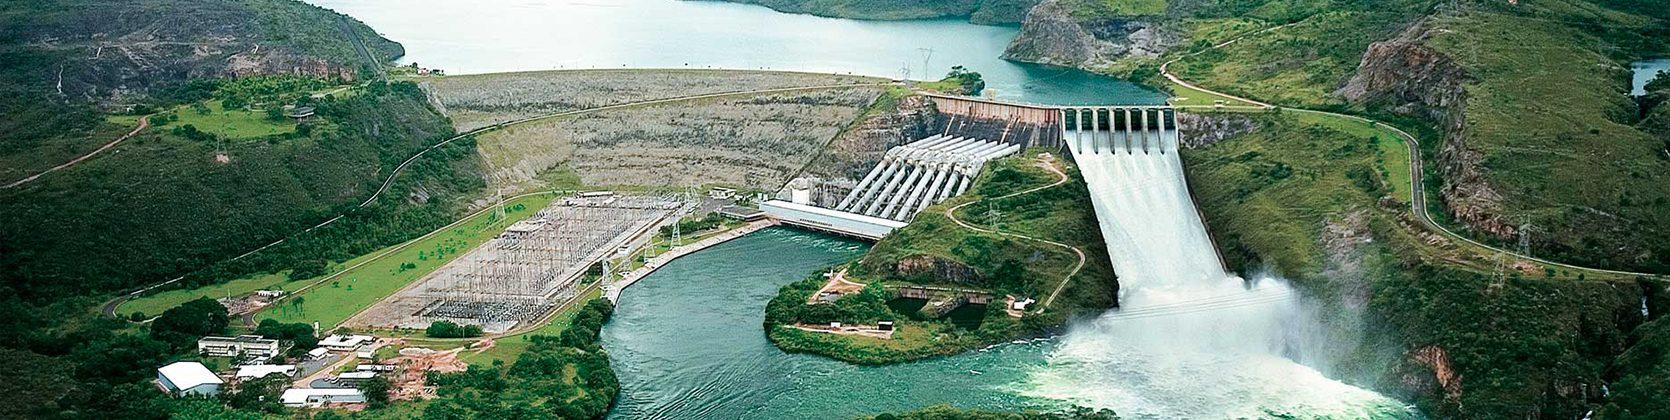 Hidroelétrica